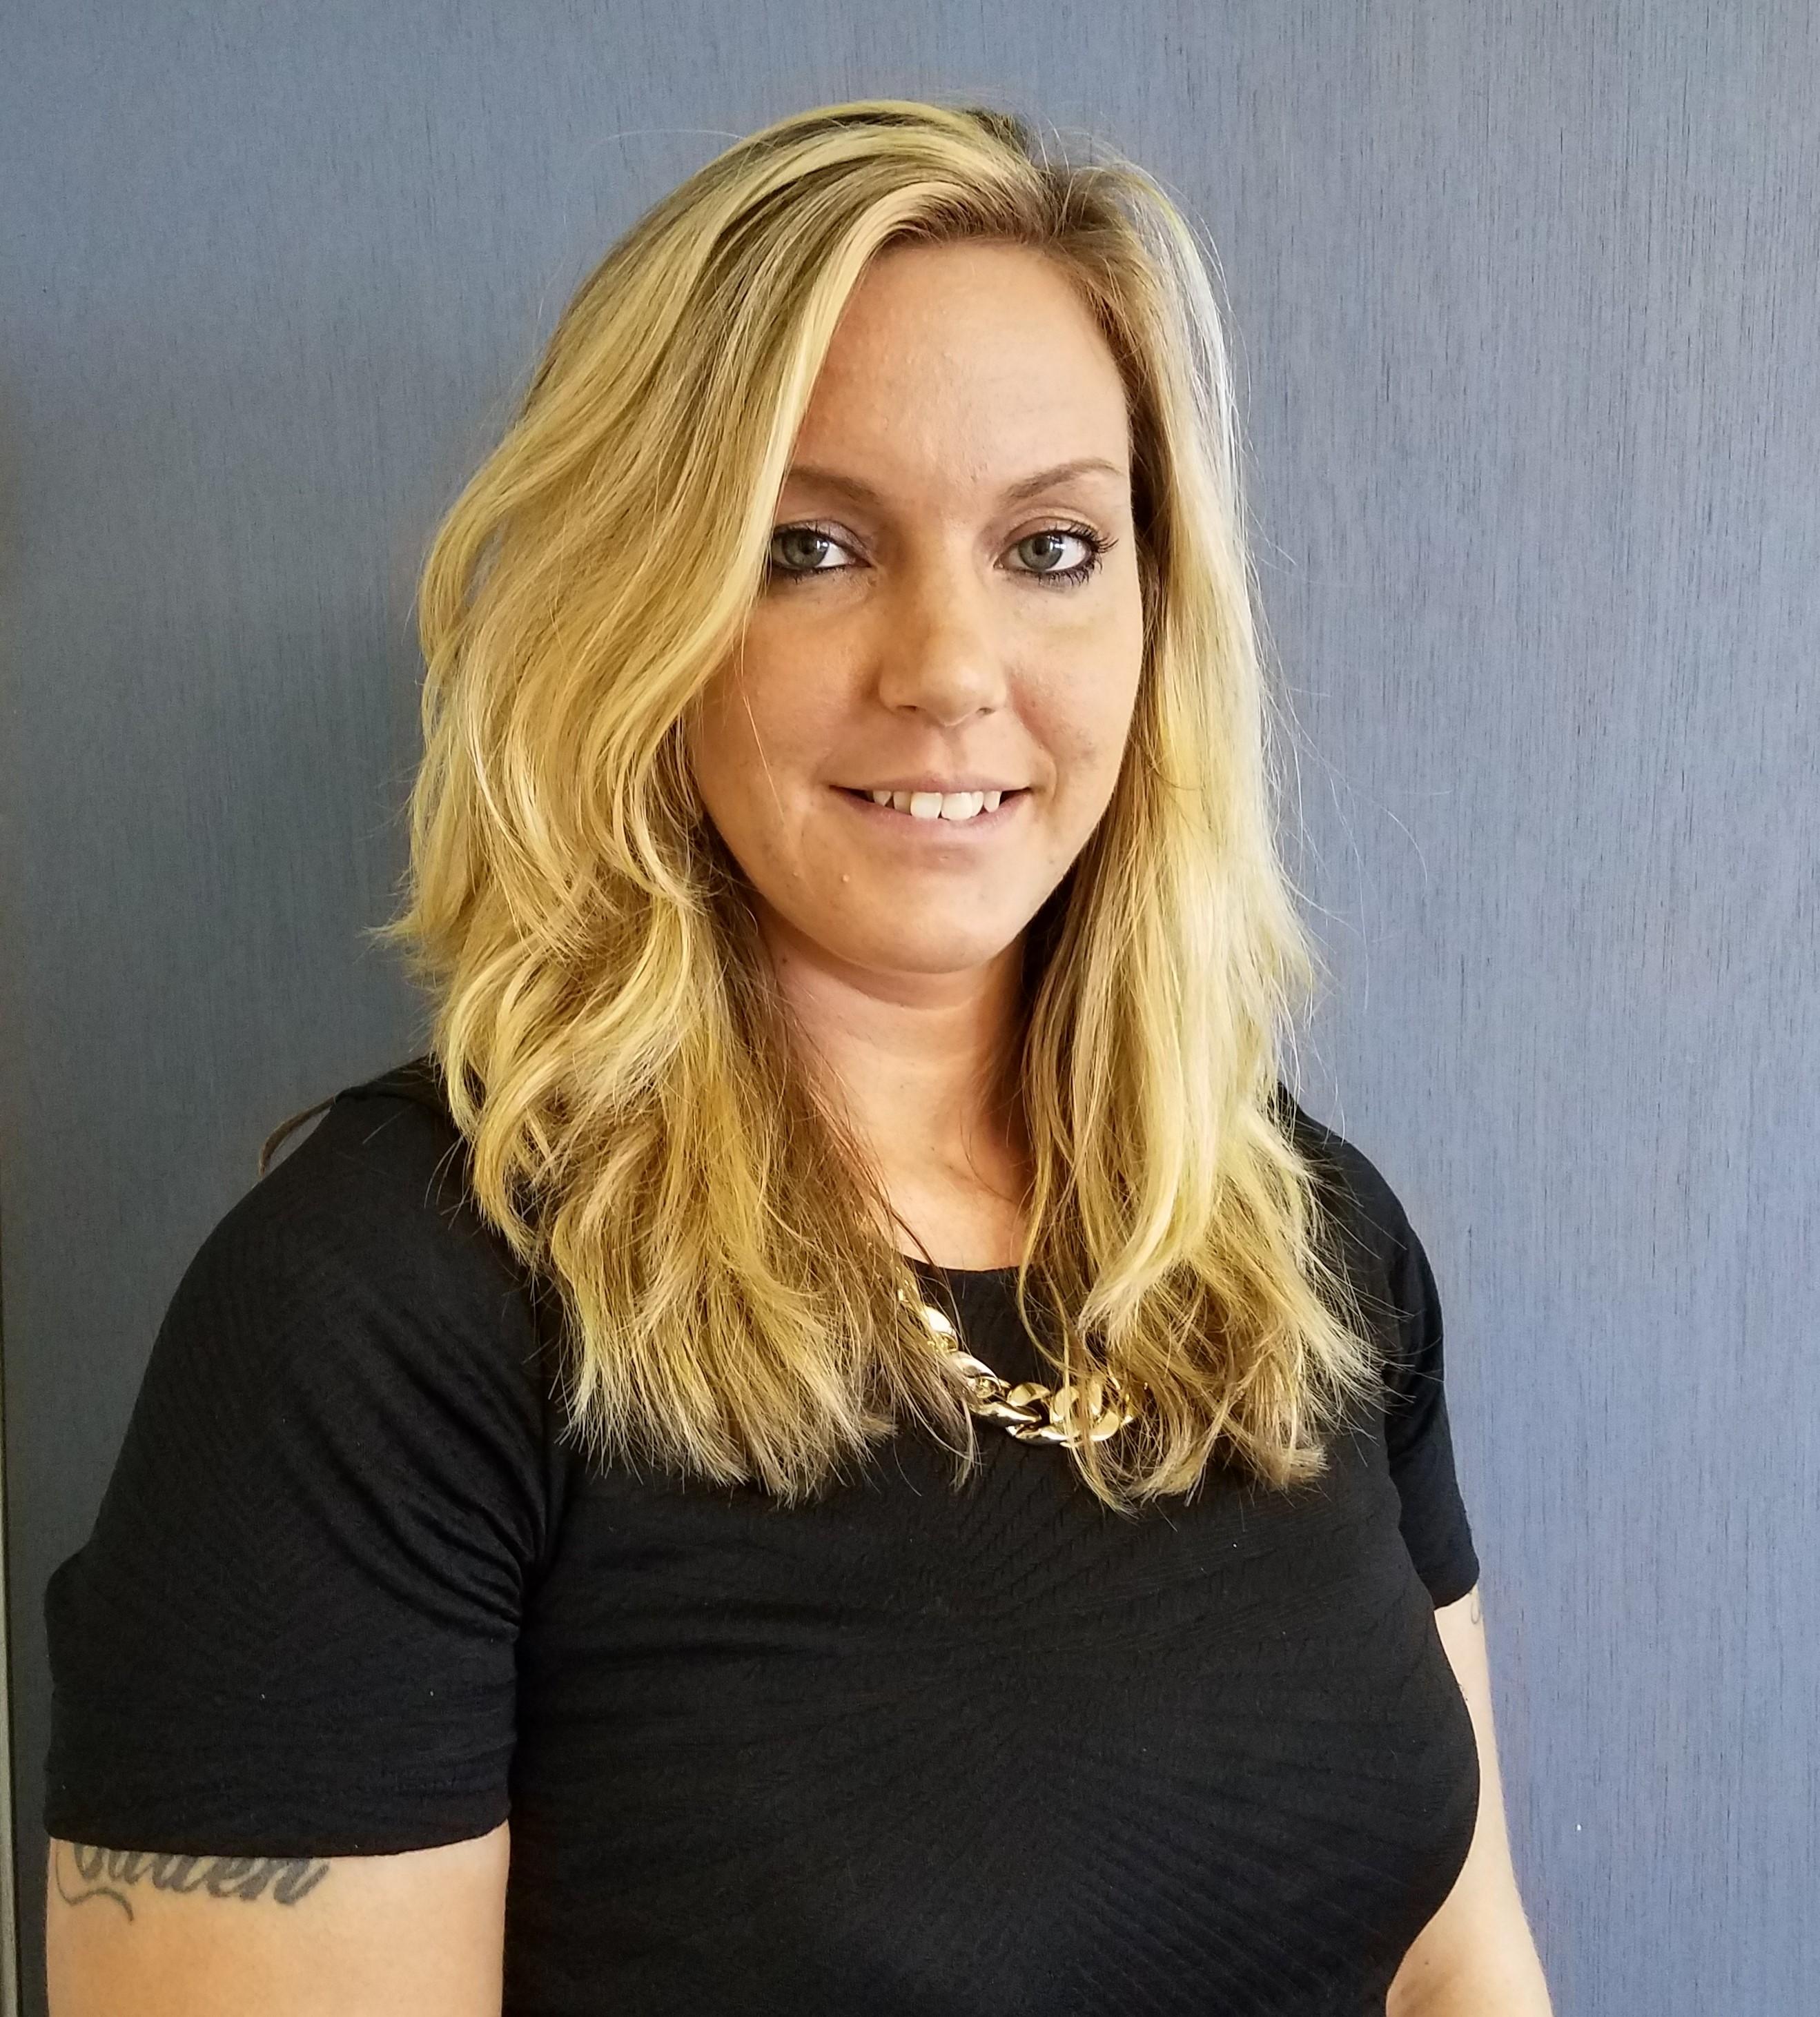 Jessica Morton